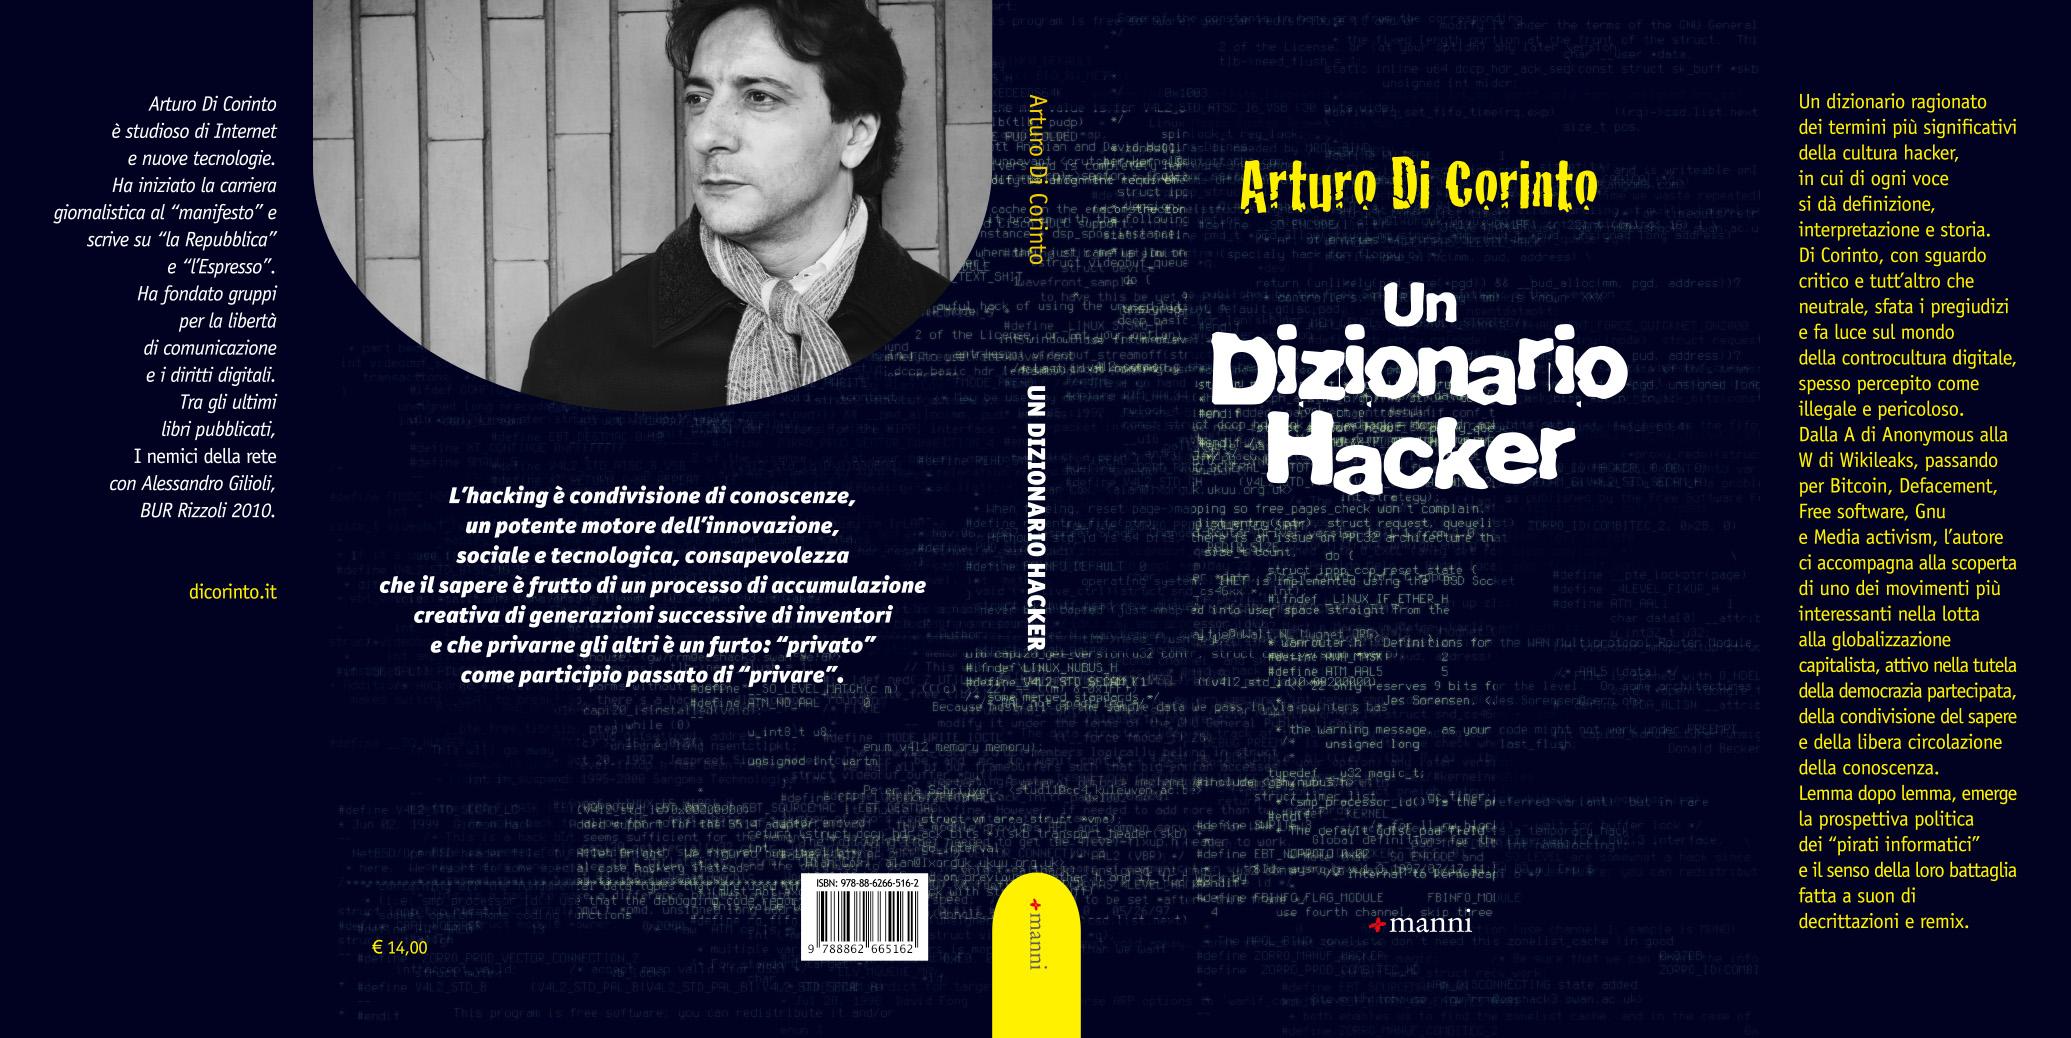 """La Repubblica: """"Un dizionario hacker"""" per capire come il mondo è già cambiato"""